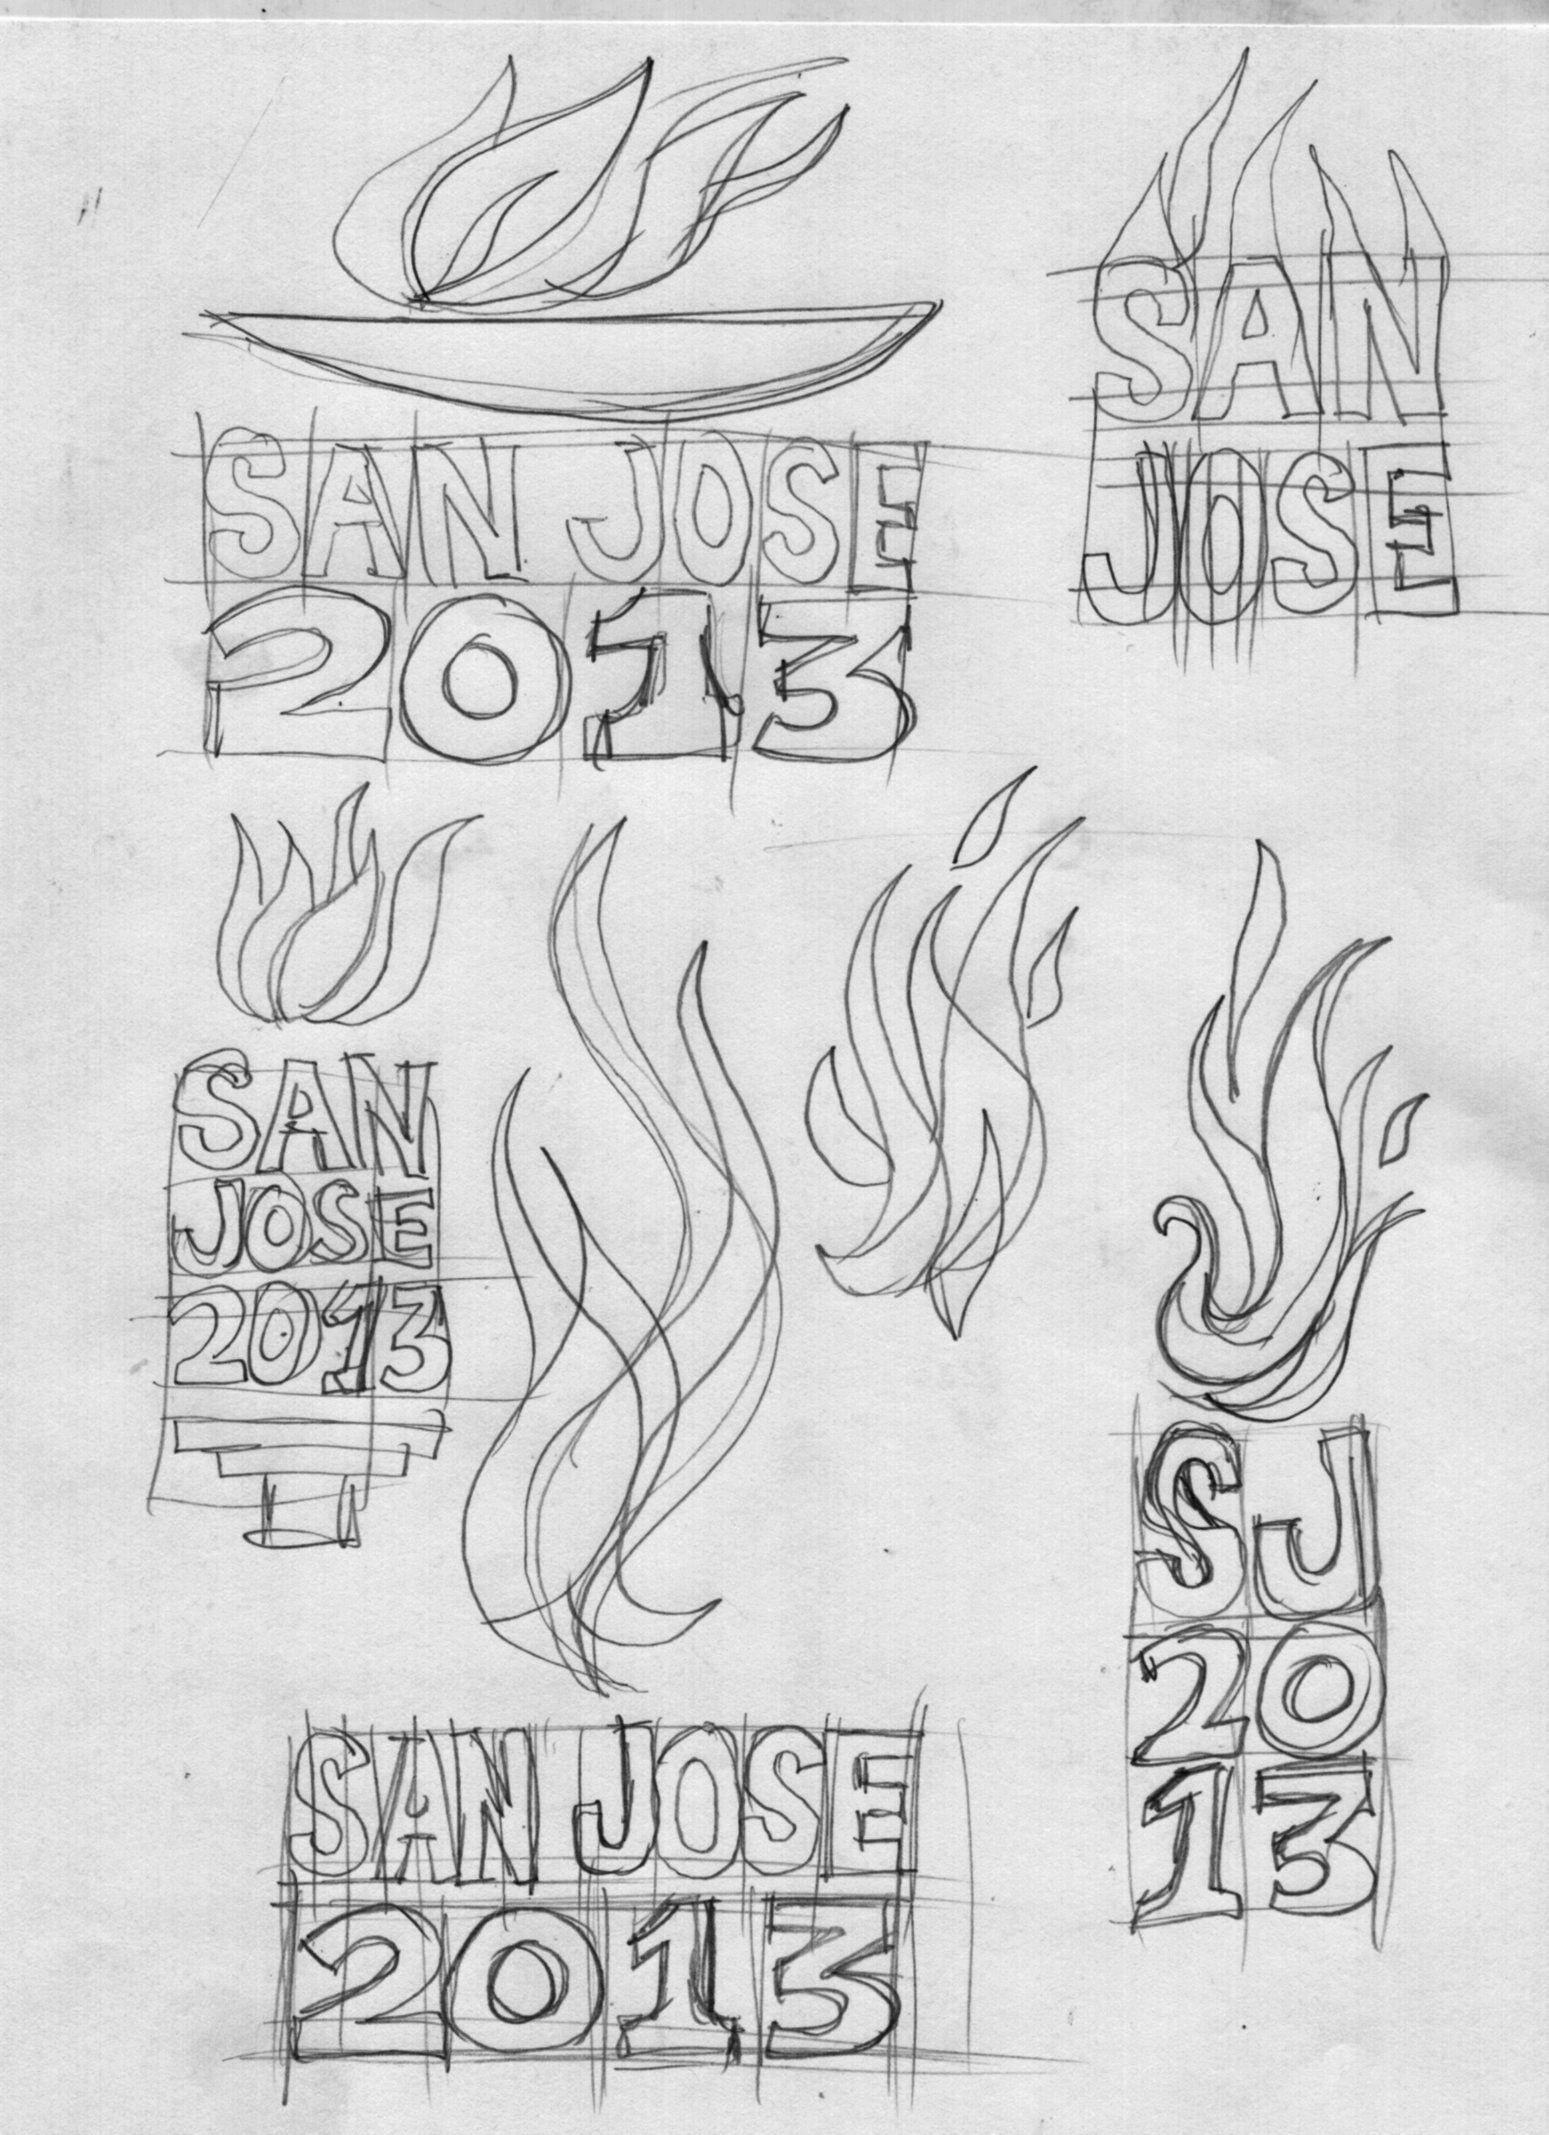 Bocetos A Lapiz Logo Juegos Deportivos Centroamericanos San Jose 2013 Diseno Joaquin Brenes Bocetos A Lapiz Disenos De Unas Diseno Grafico